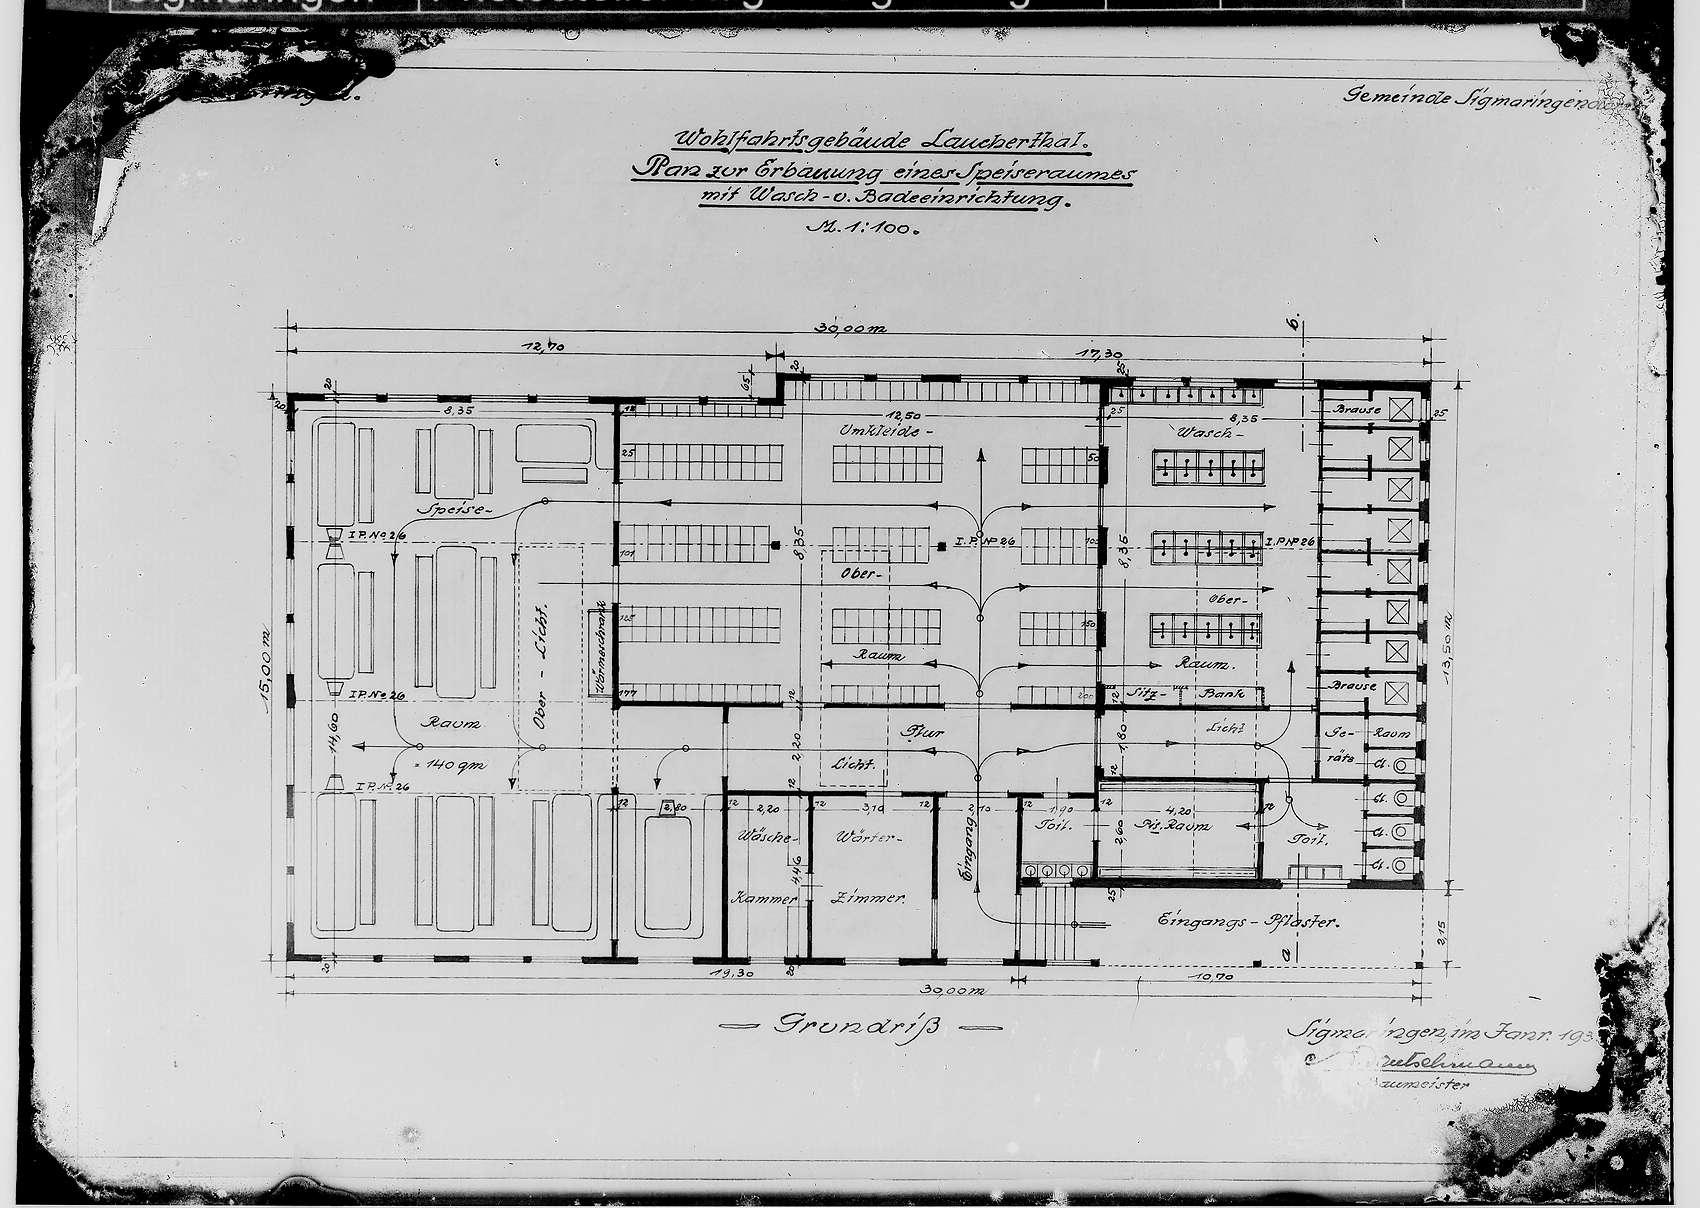 Wohlfahrtsgebäude Lauchertal der Gemeinde Sigmaringendorf 1935; Plan zur Erbauung eines Speiseraumes mit Wasch- und Badeeinrichtung - Grundriß, Bild 1